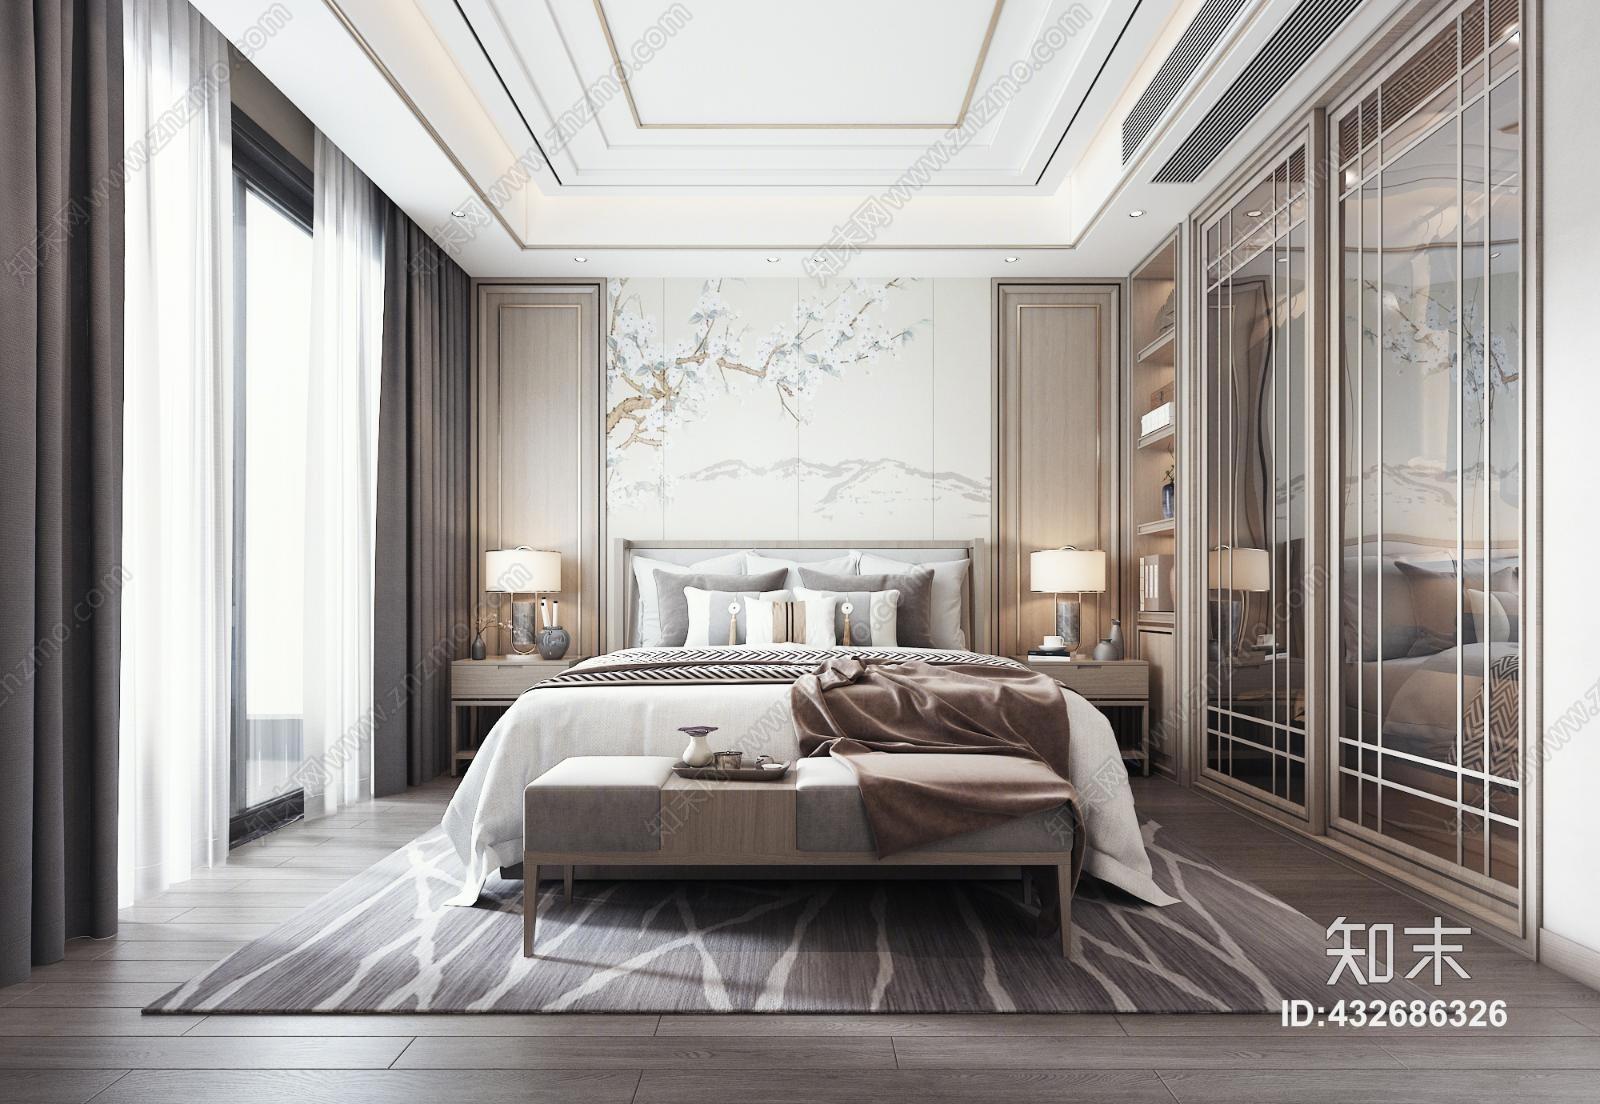 新中式主人房 床 吊灯 台灯 窗帘 装饰品 挂画 抱枕 床头柜 衣柜